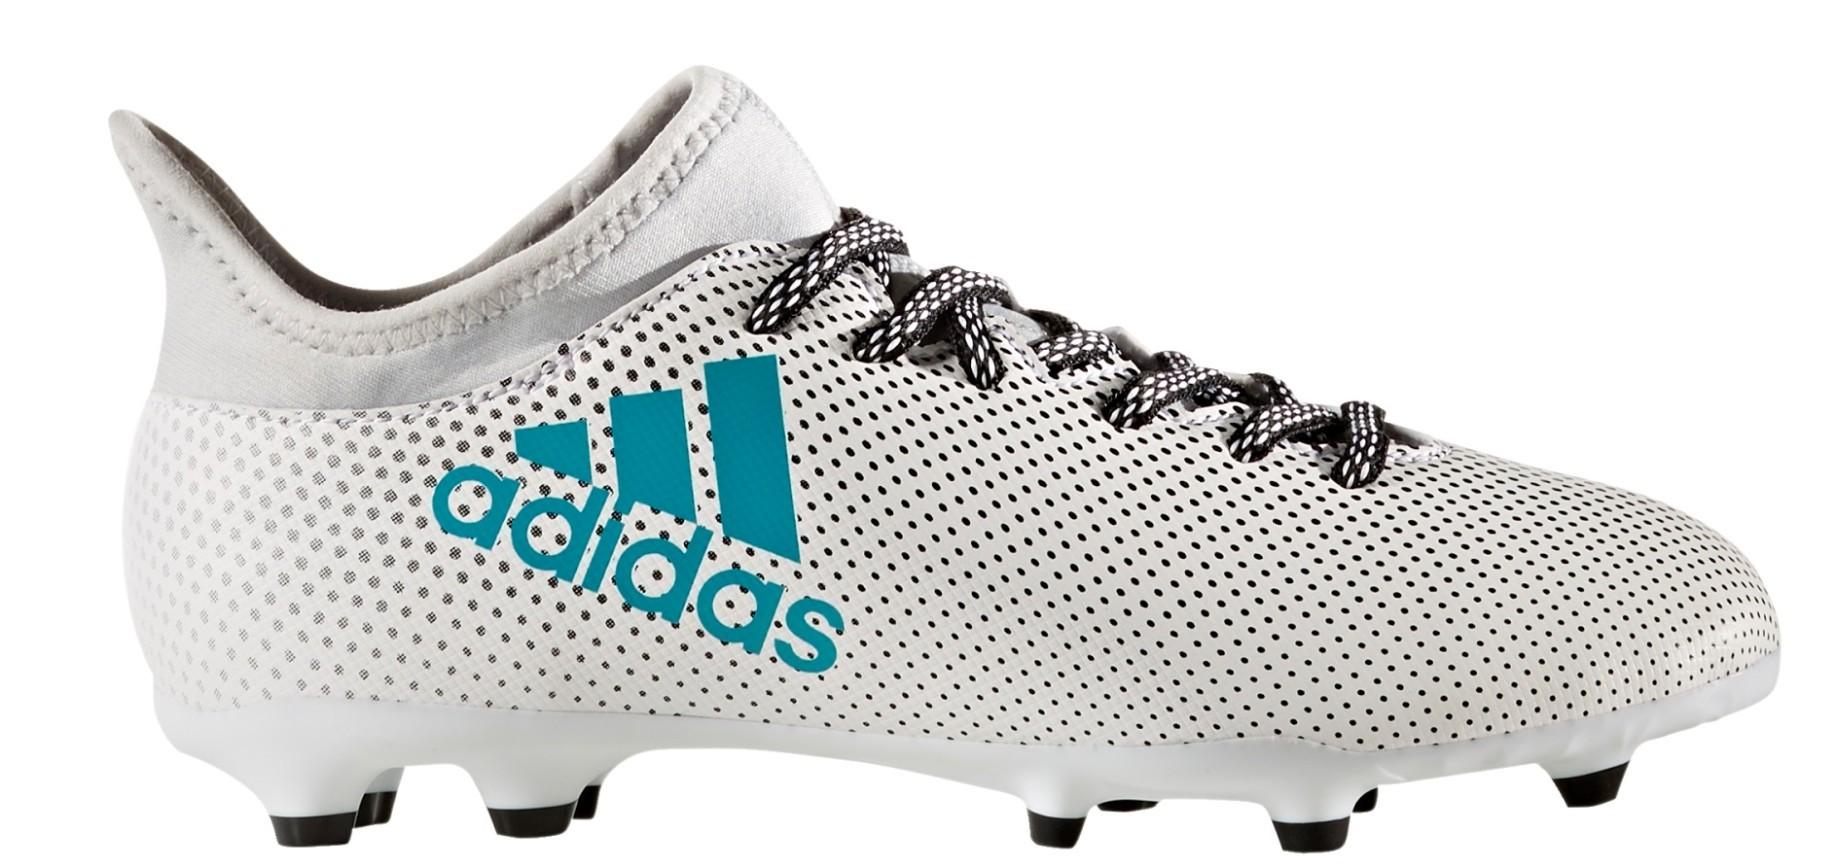 db3df49c4229 Football boots Kid Adidas X 17.3 FG Dust Storm Pack colore White - Adidas -  SportIT.com